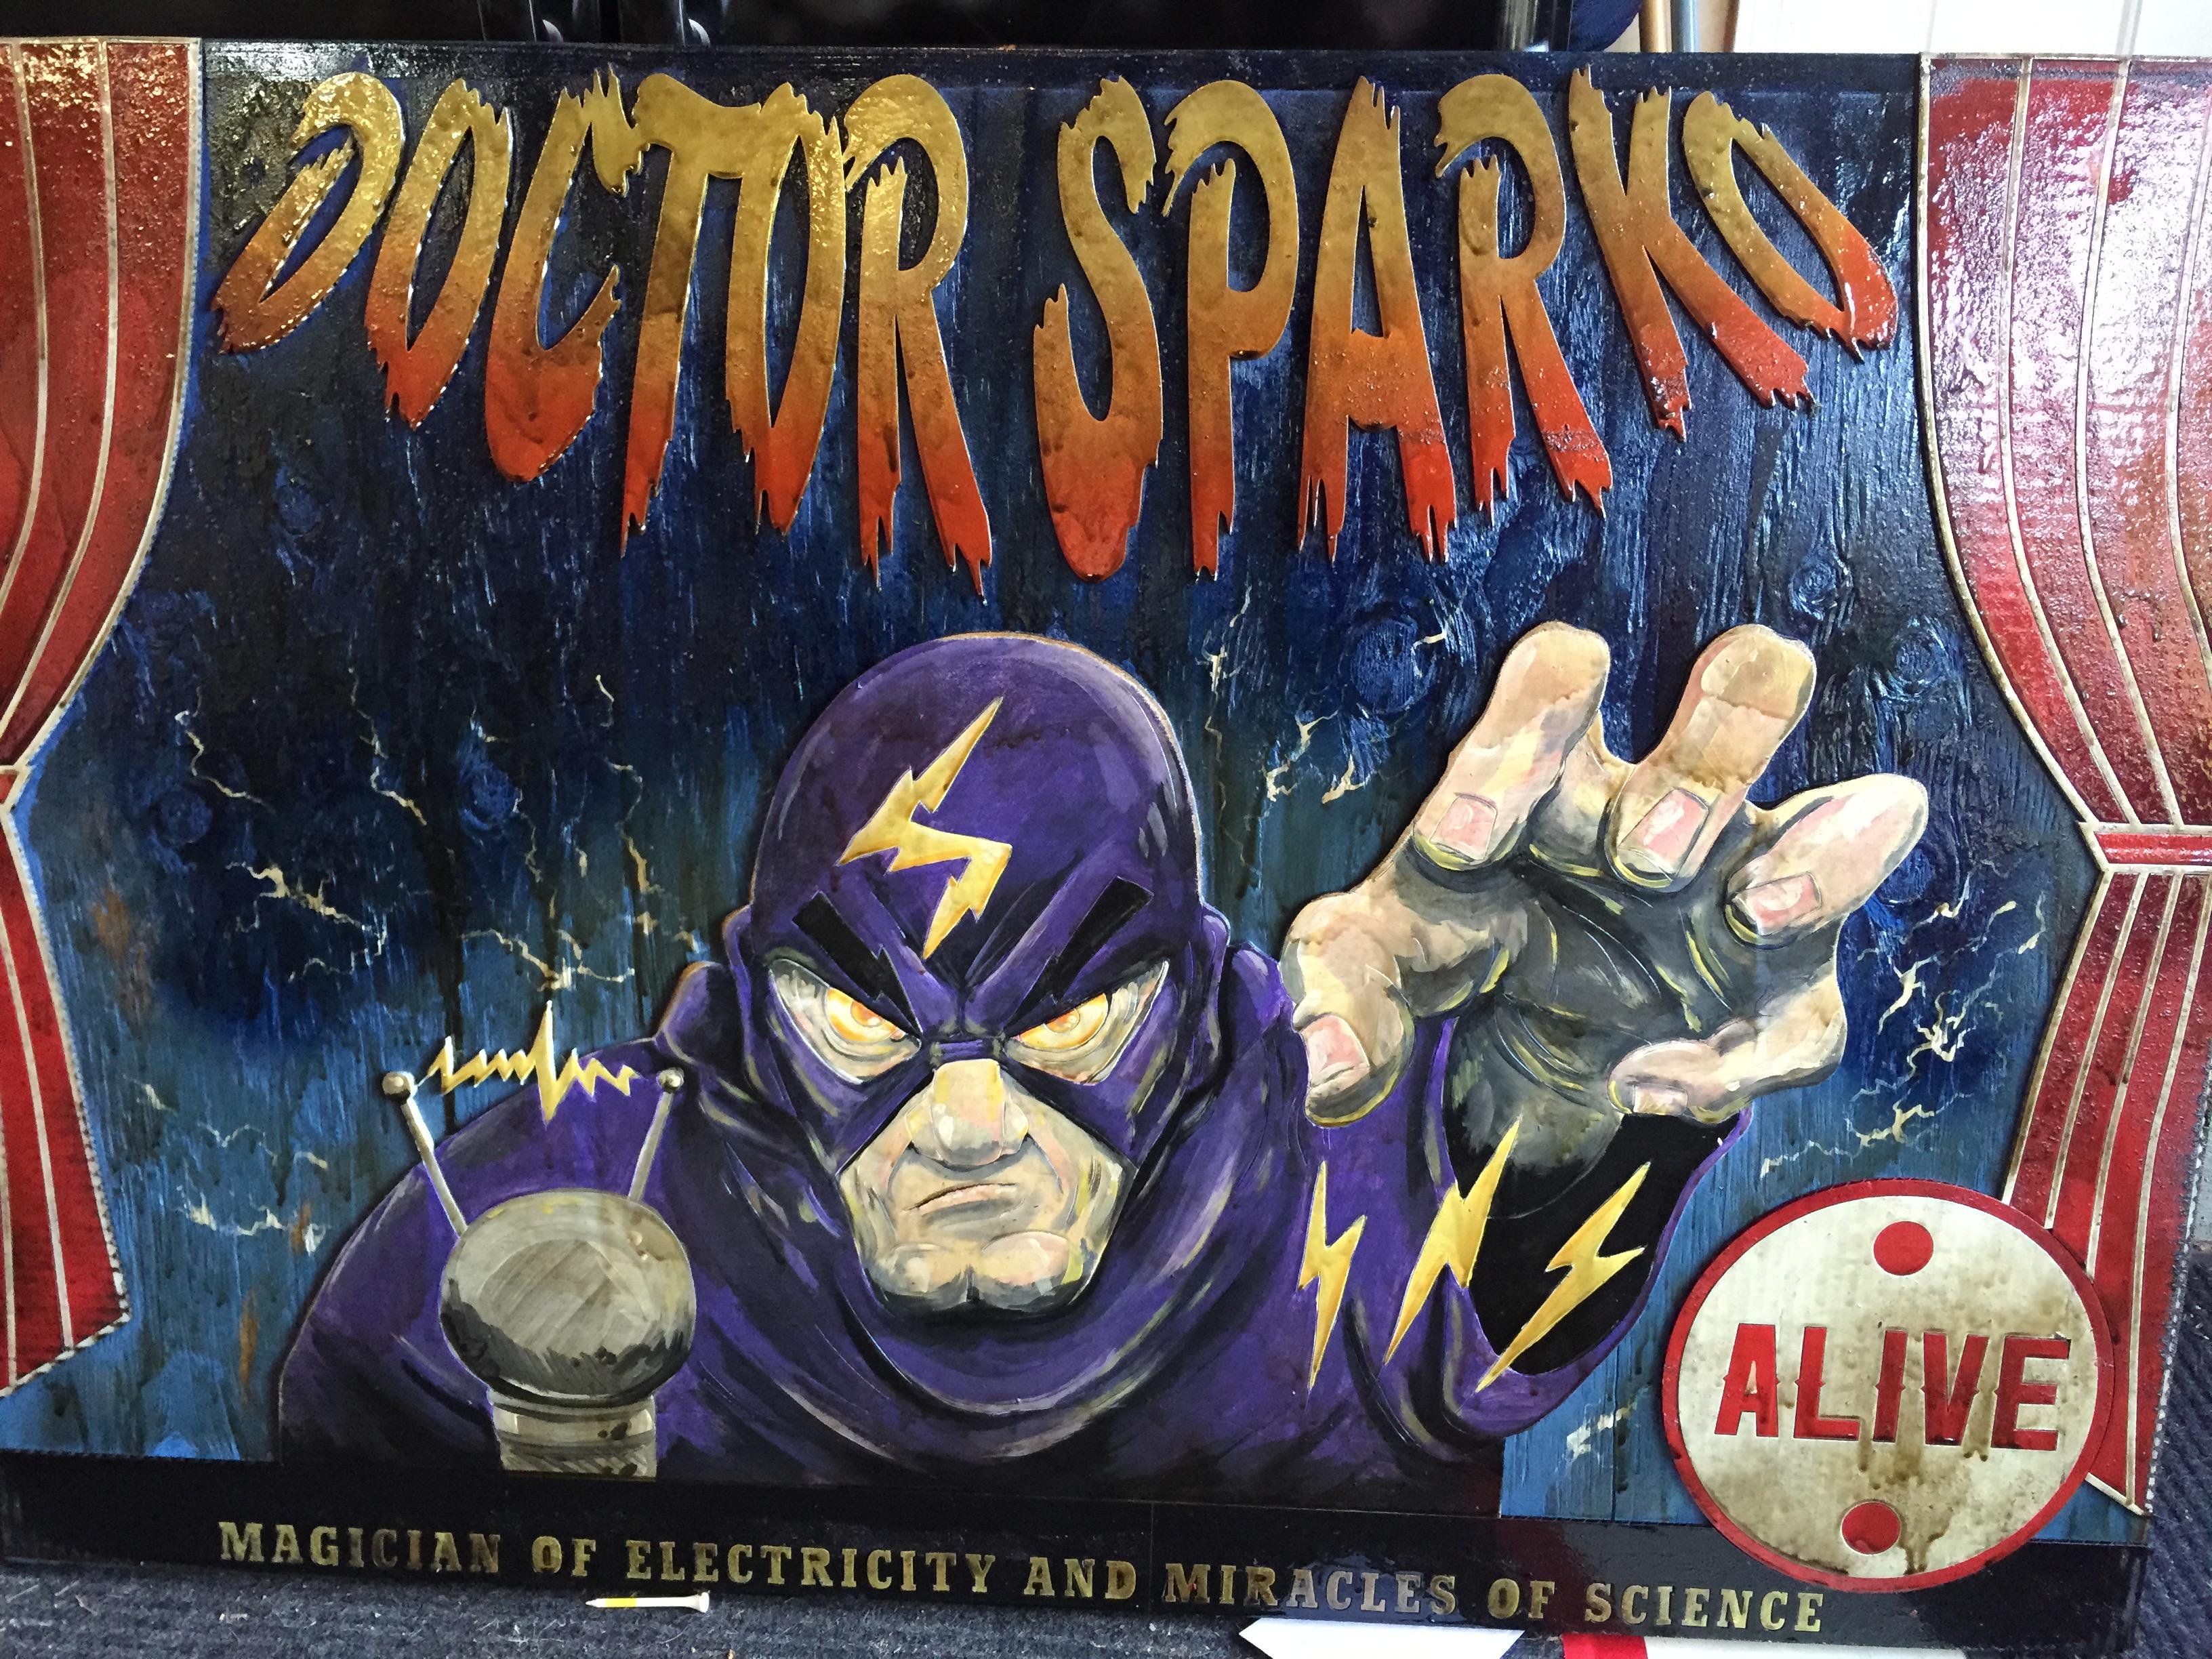 Doctor Sparko